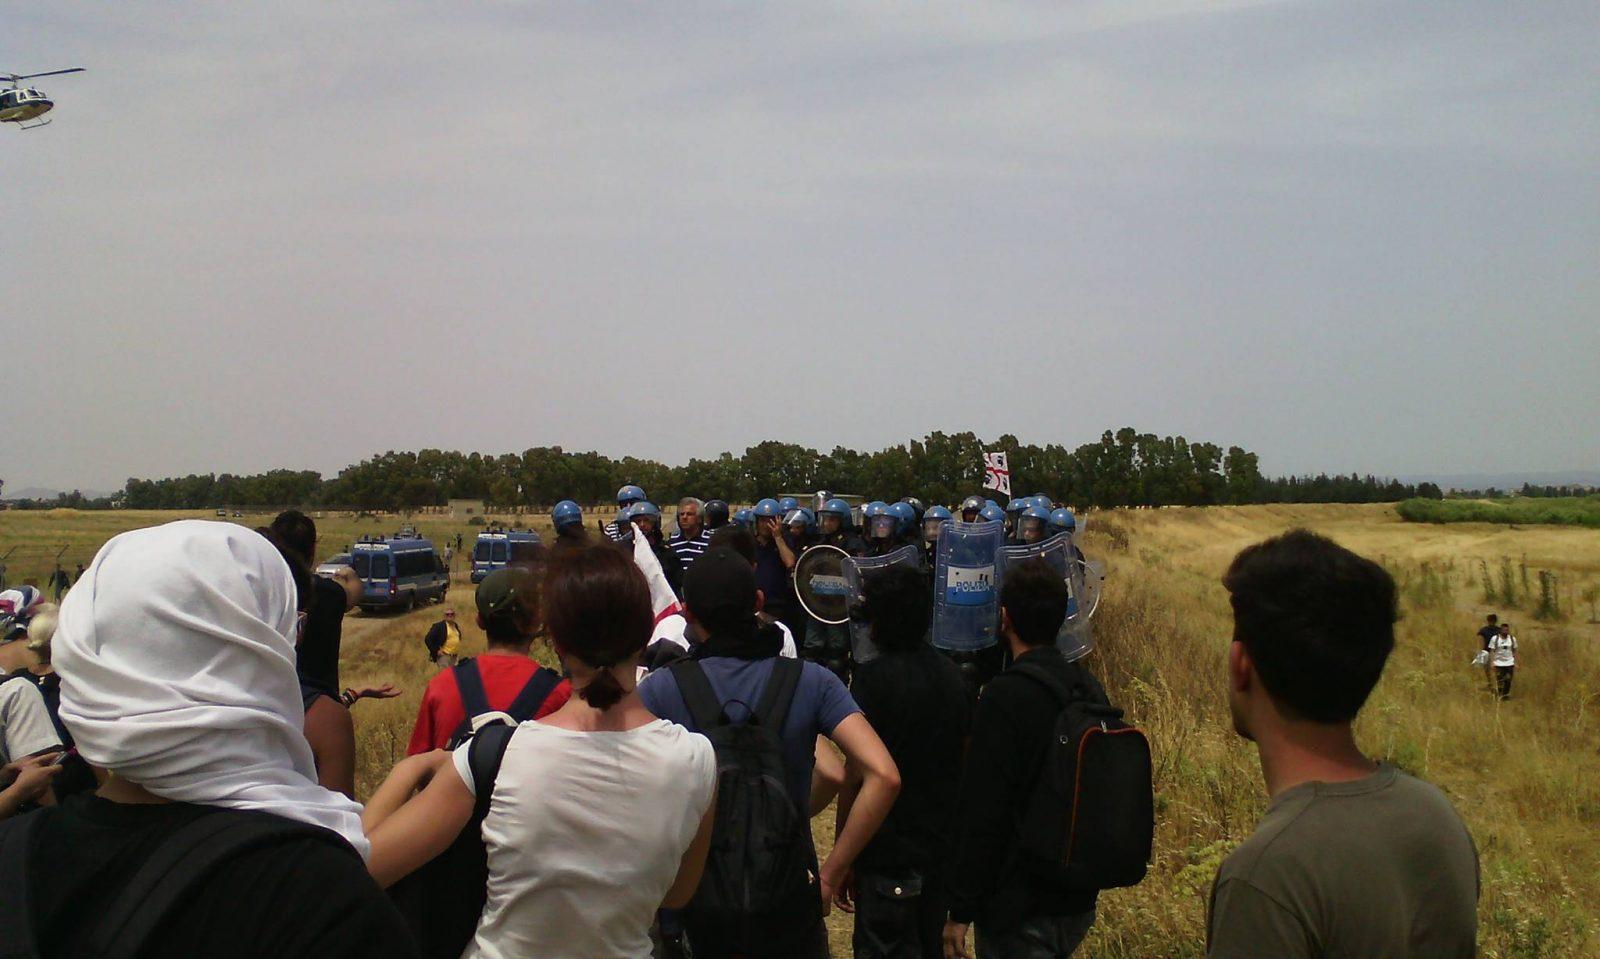 Agosto No MUOS. Campeggio al presidio e manifestazione